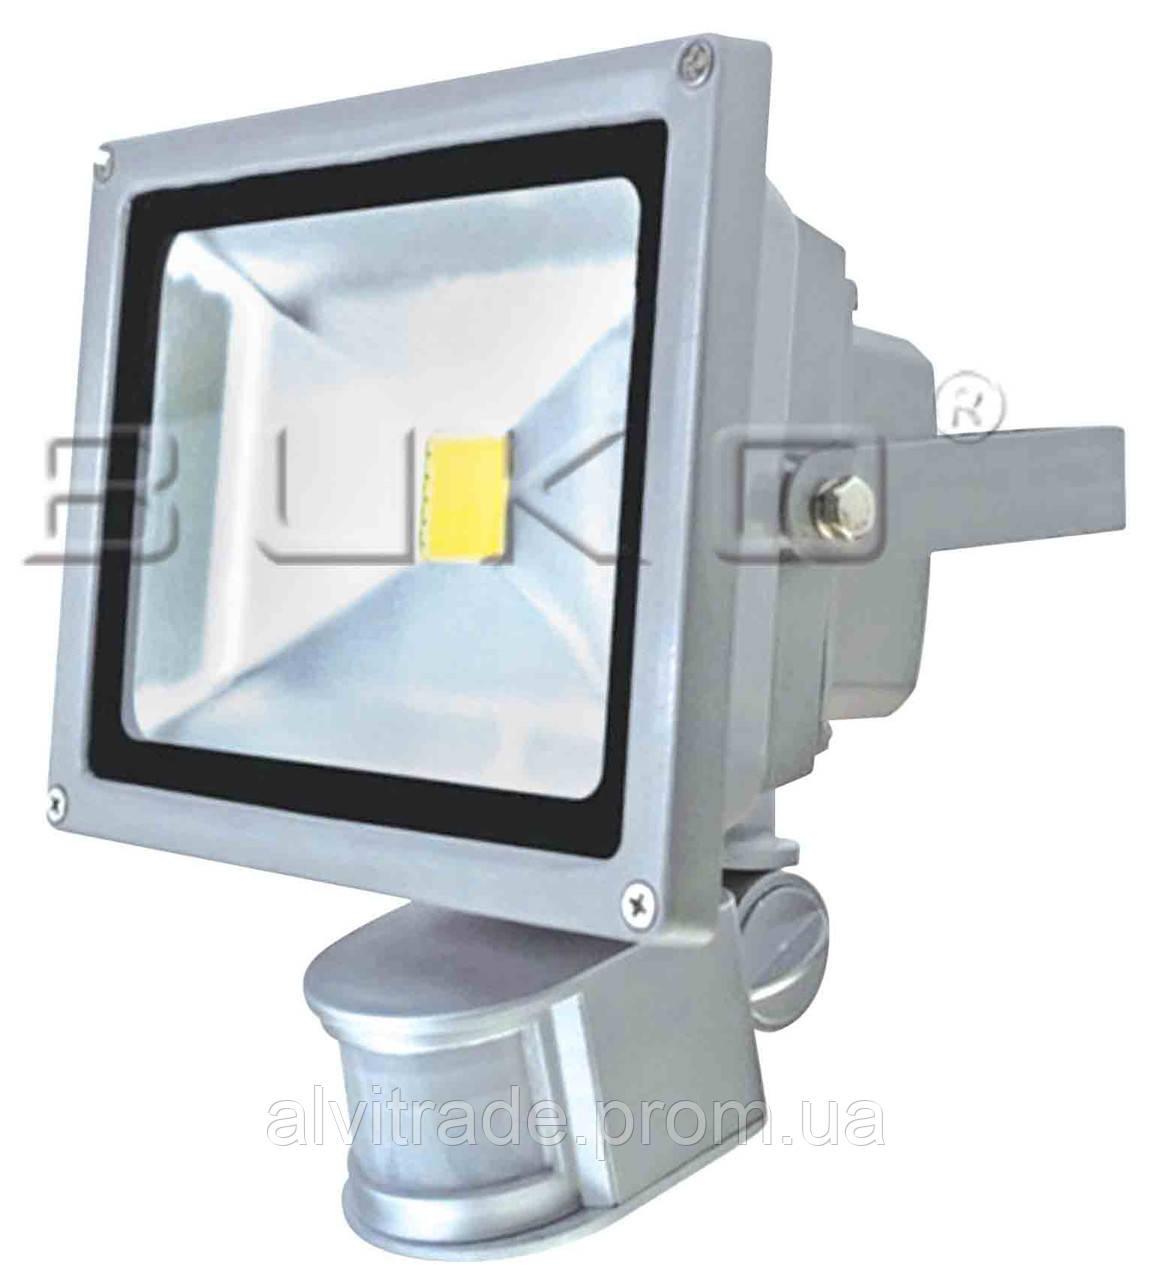 Светодиодный прожектор с сенсором WATC WT383, 20W